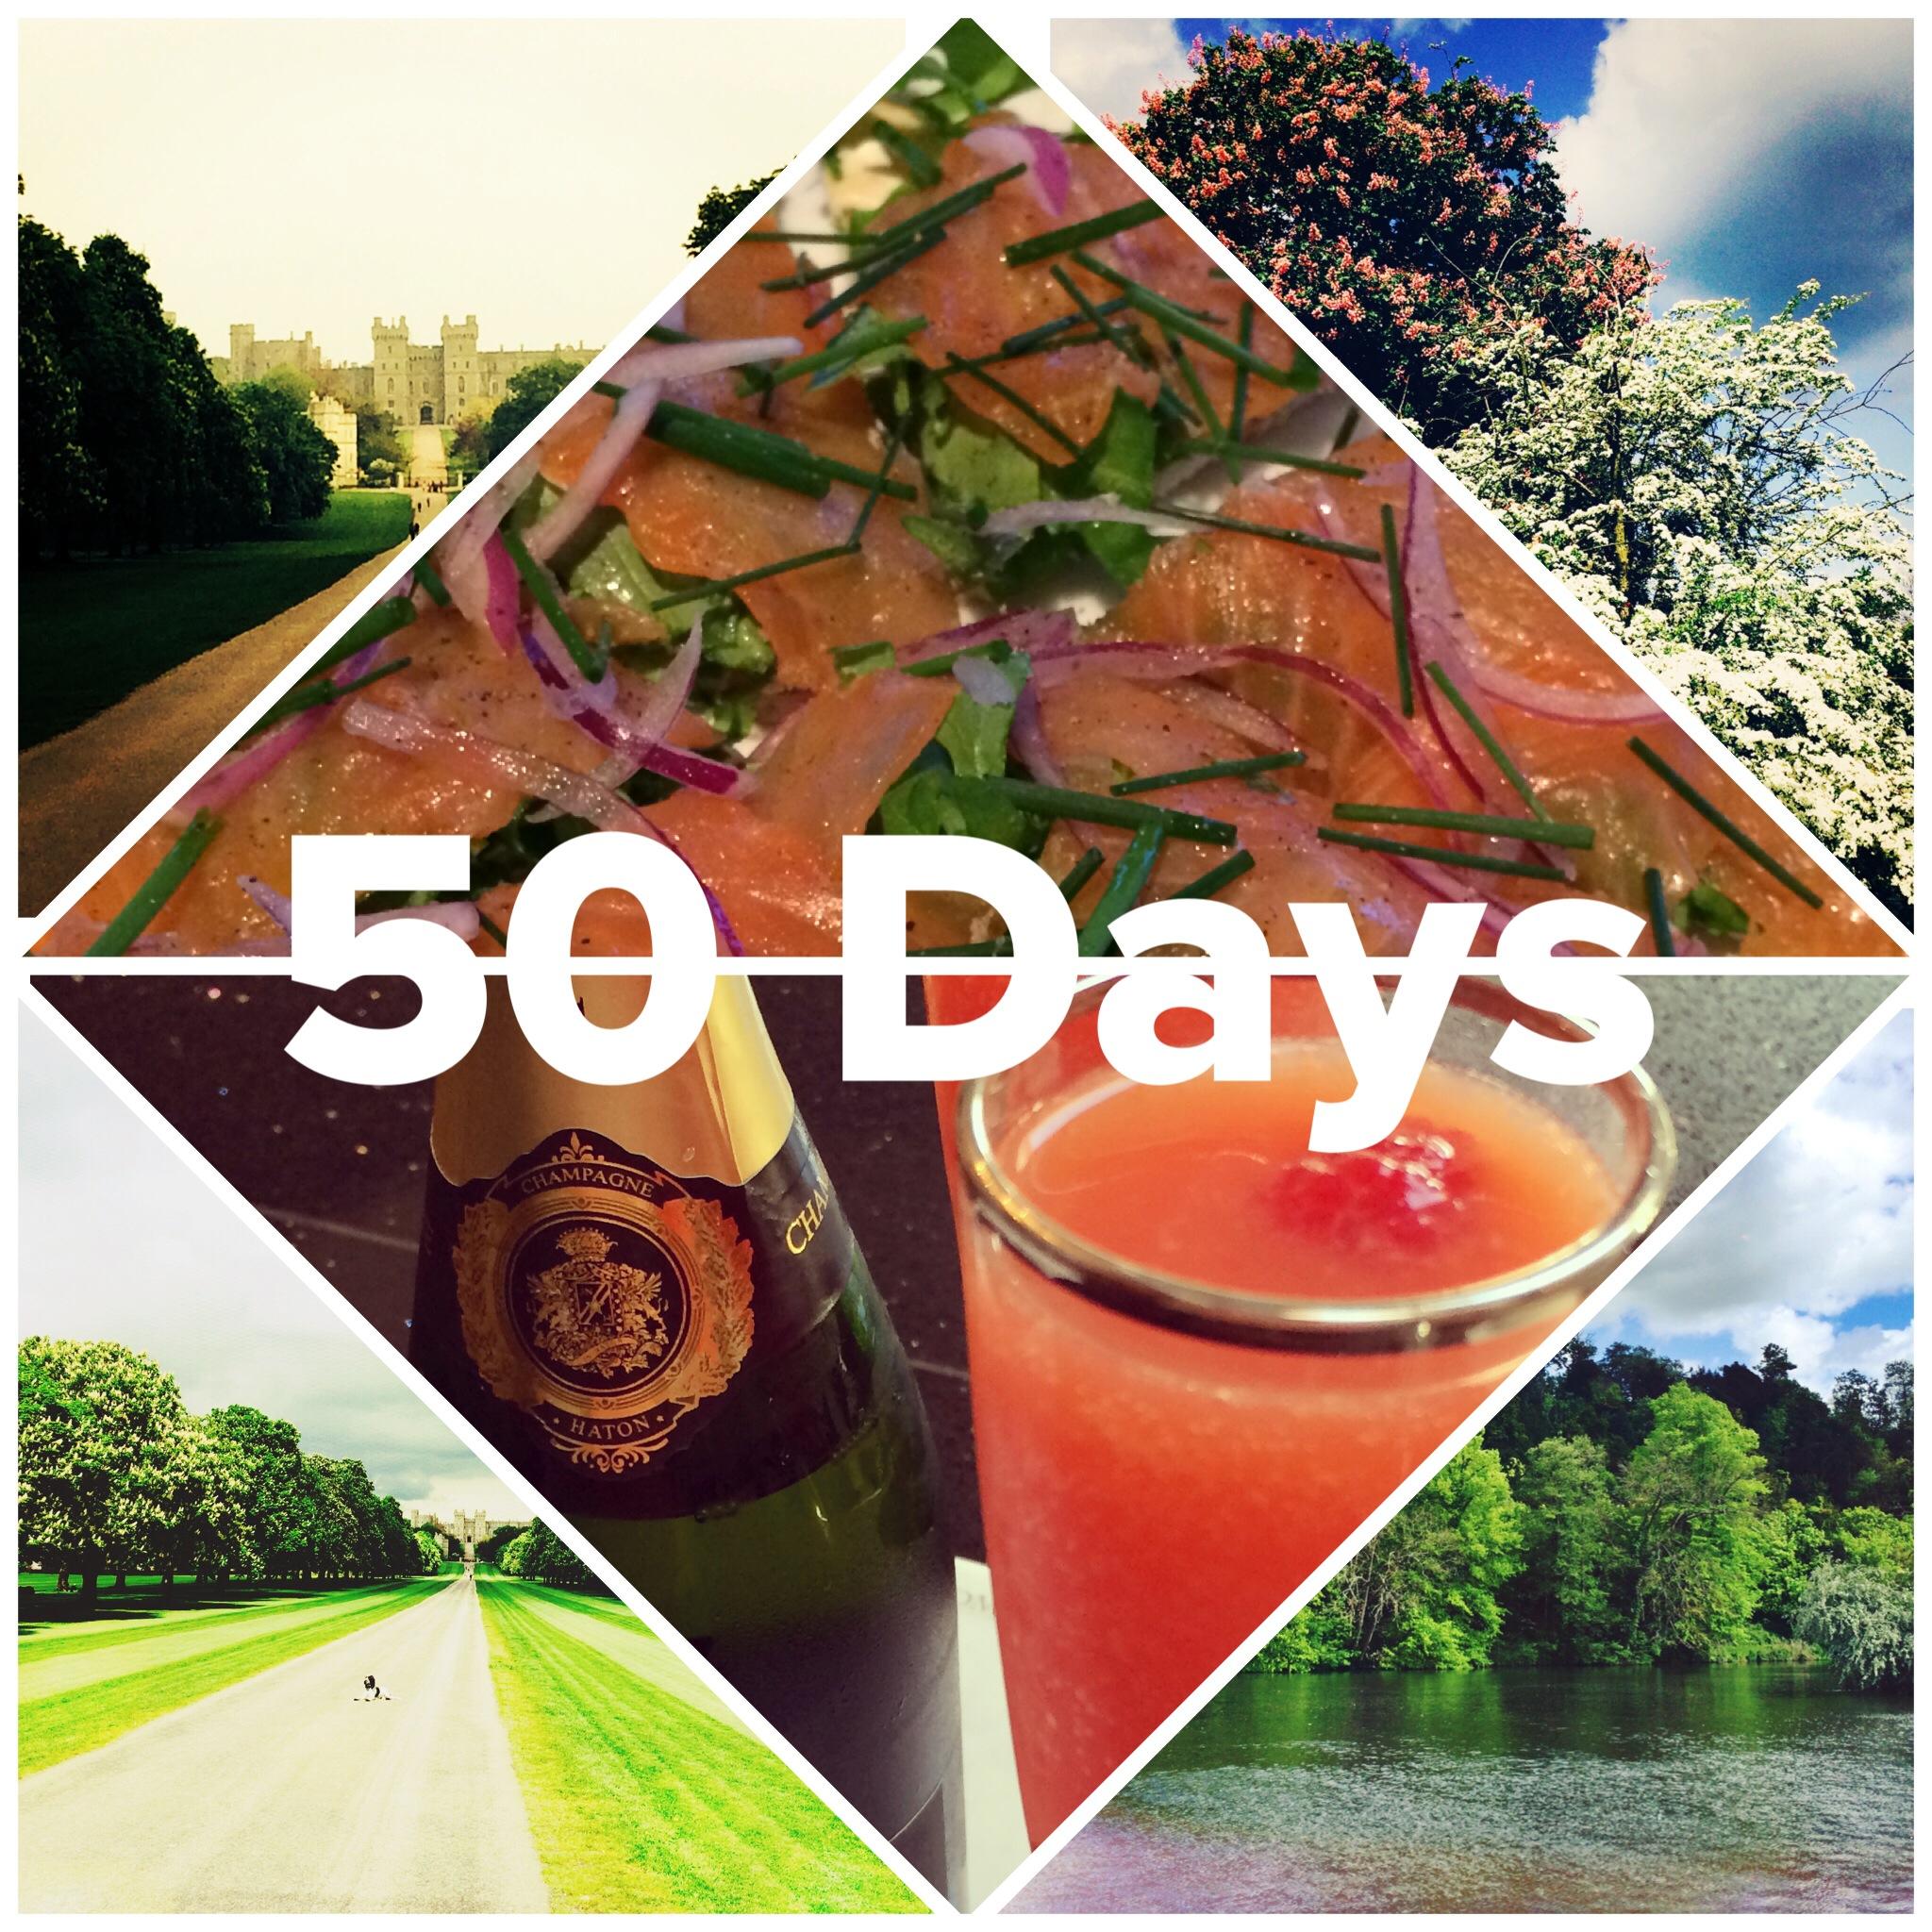 50 Happy Days!